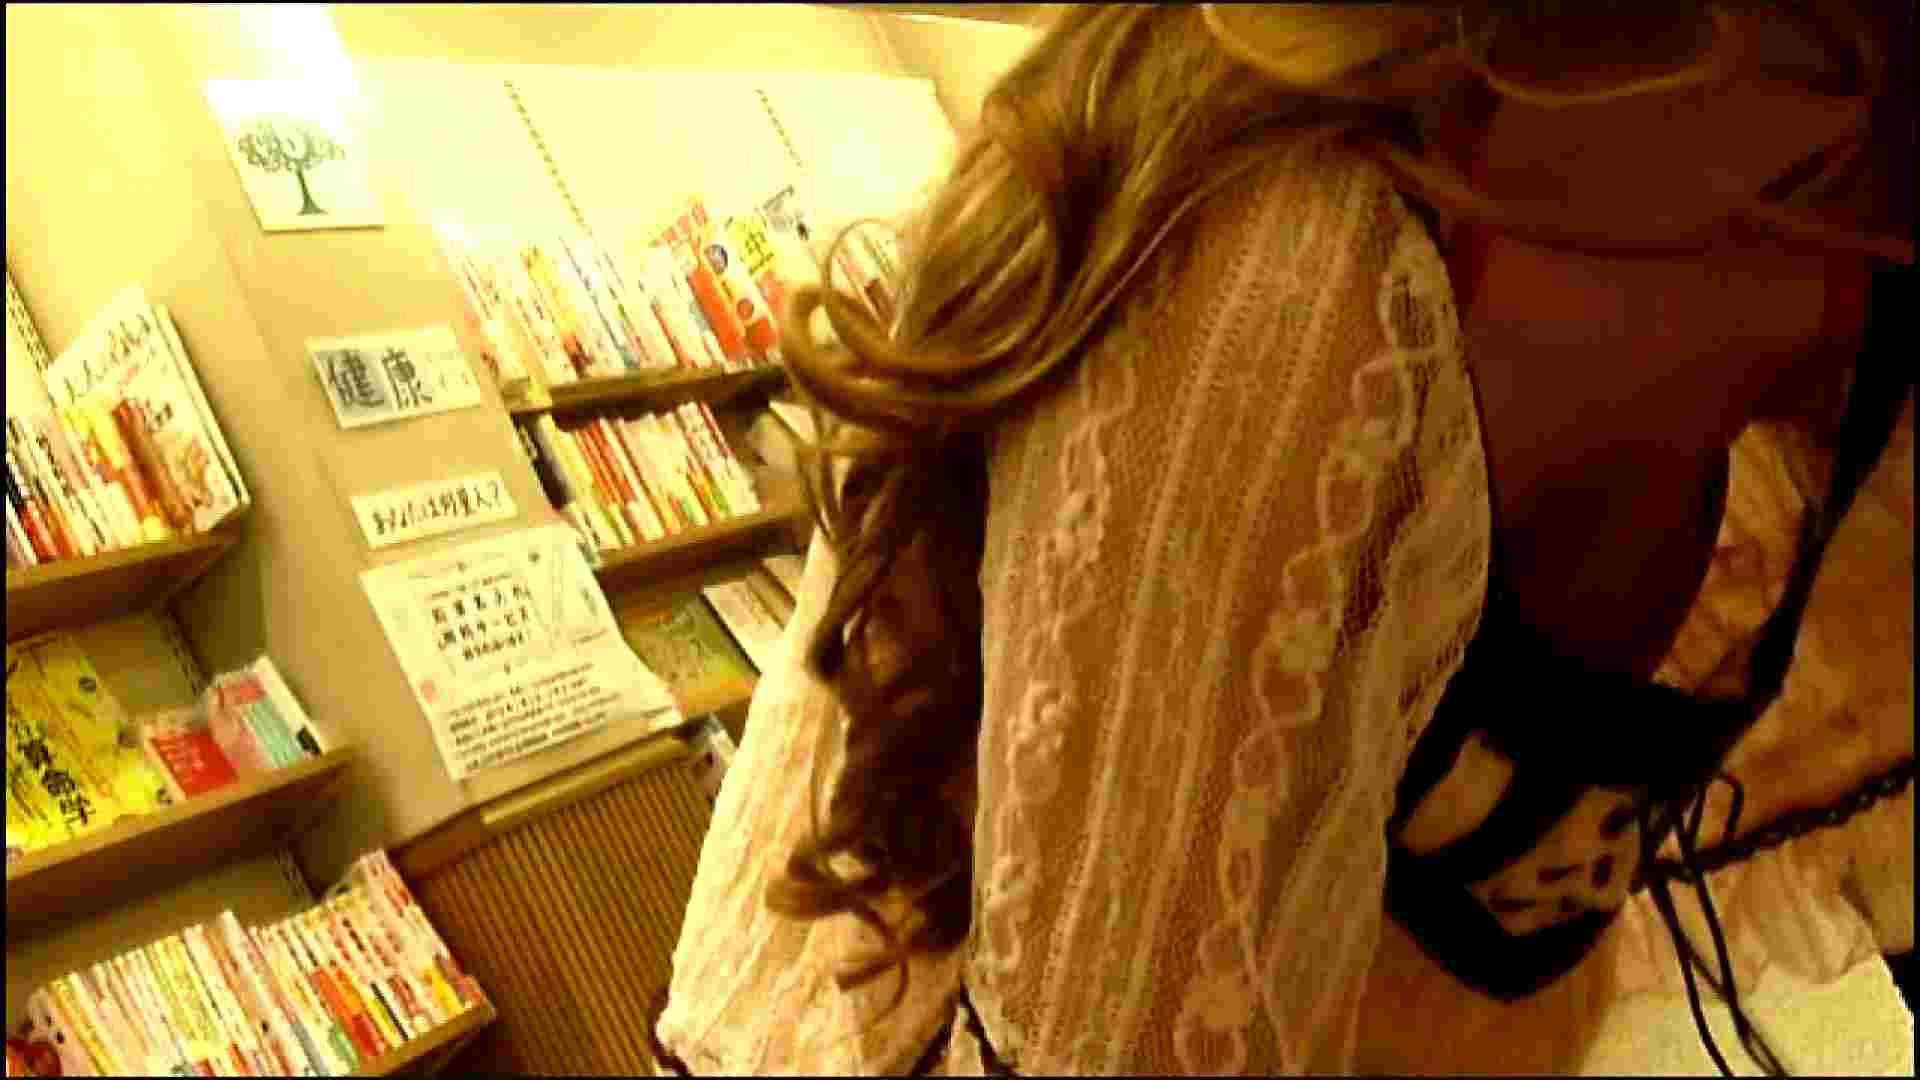 NO.2 本屋にいた巨乳ギャル 胸チラ | ギャル・コレクション  28連発 3